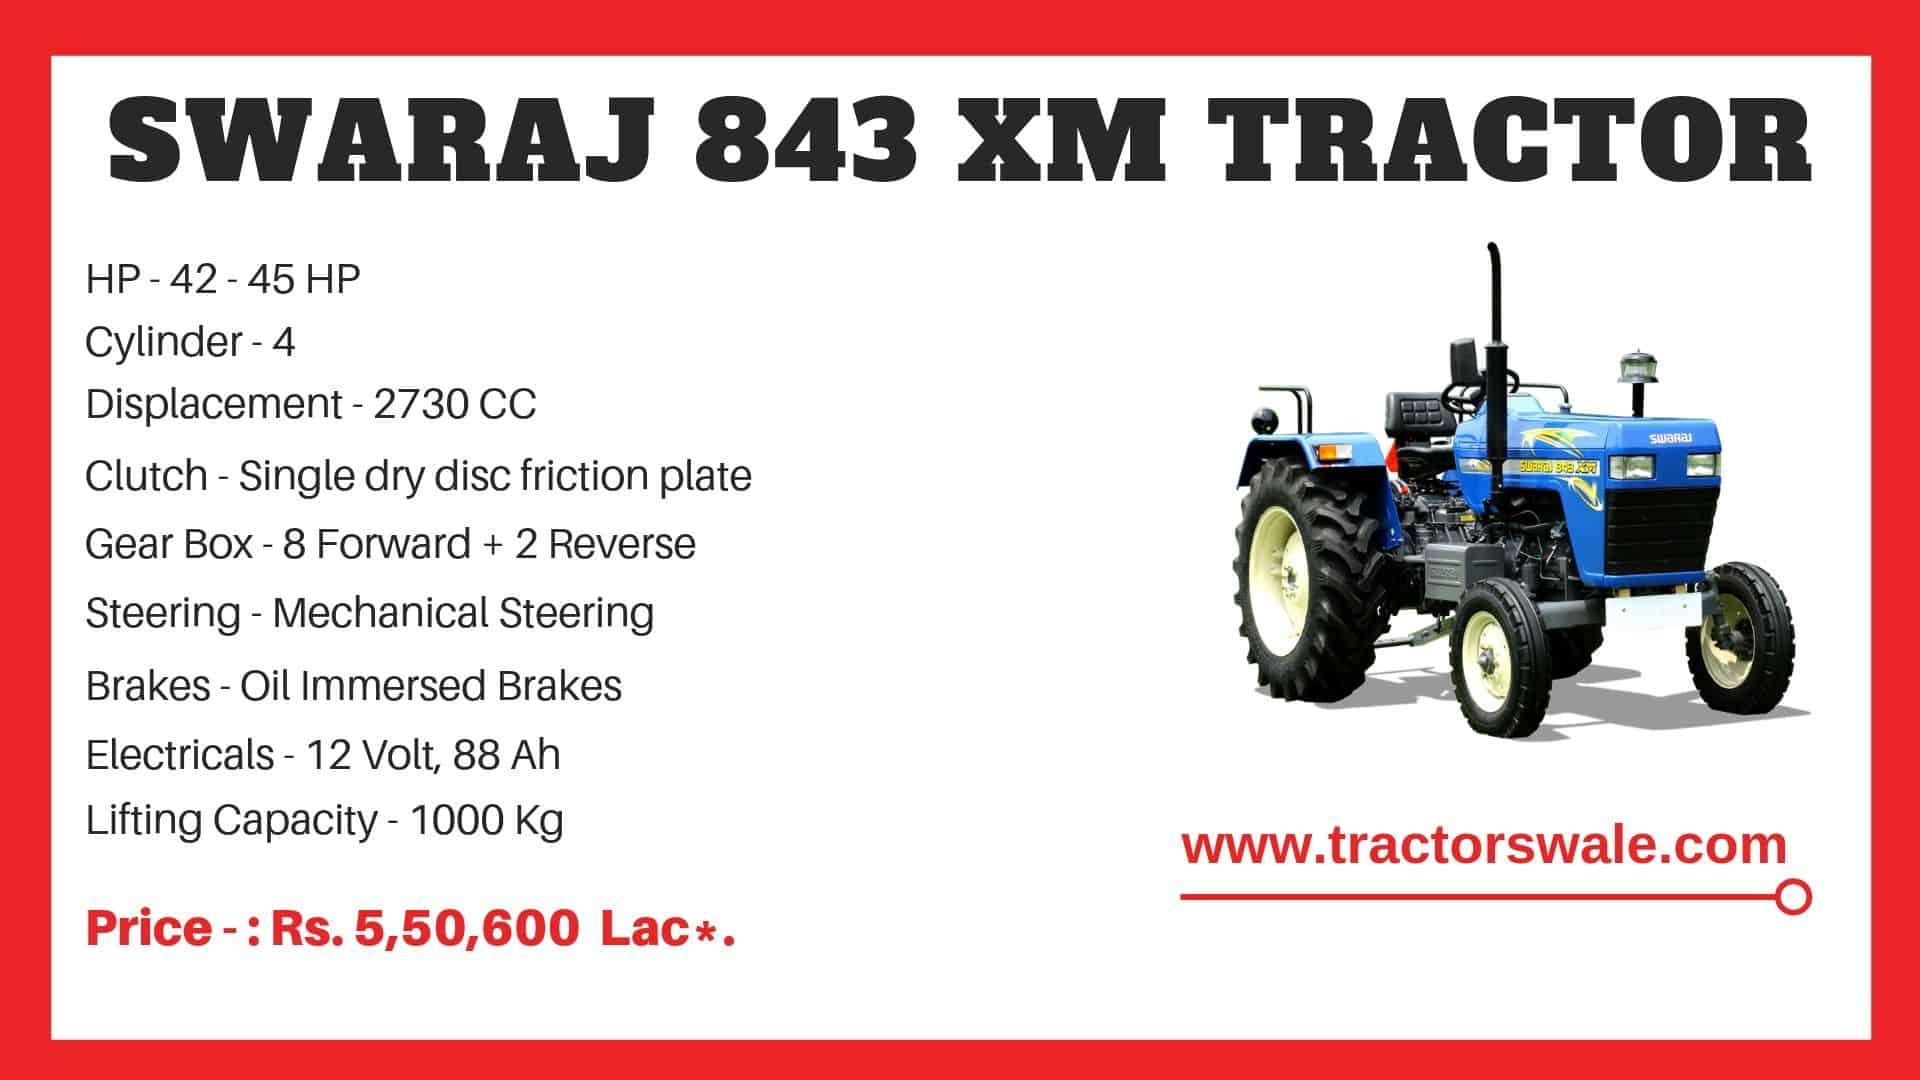 Specification of Swaraj 843 XM Tractor